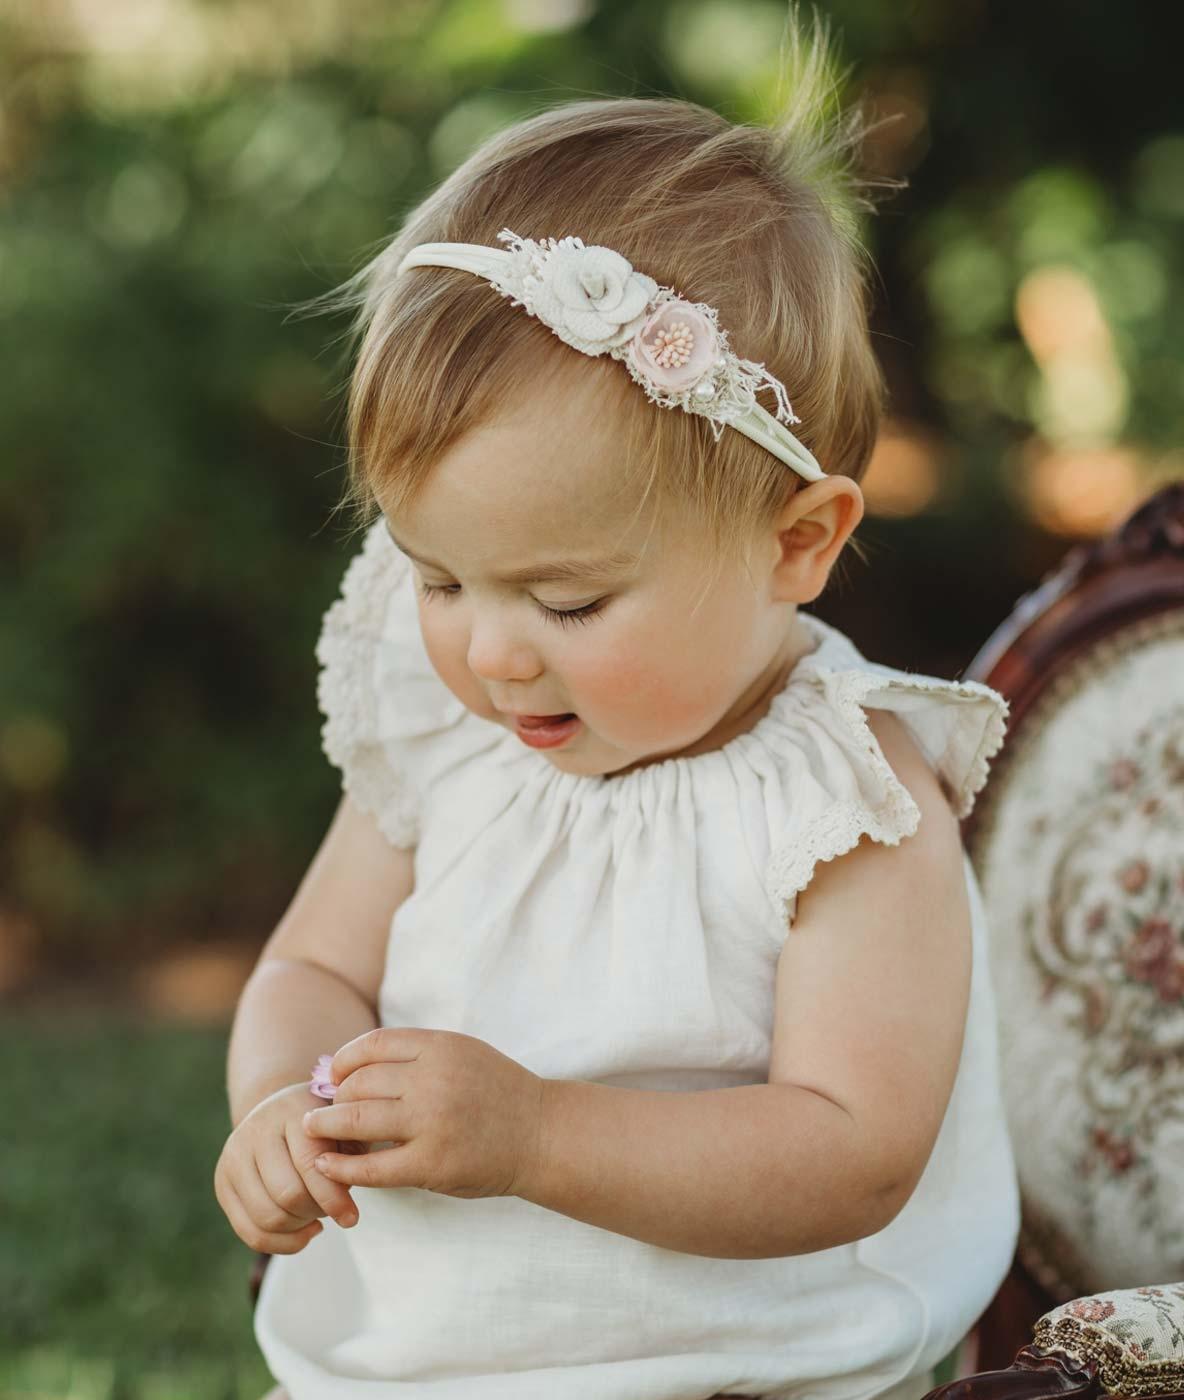 Petite Petal Girls Headband